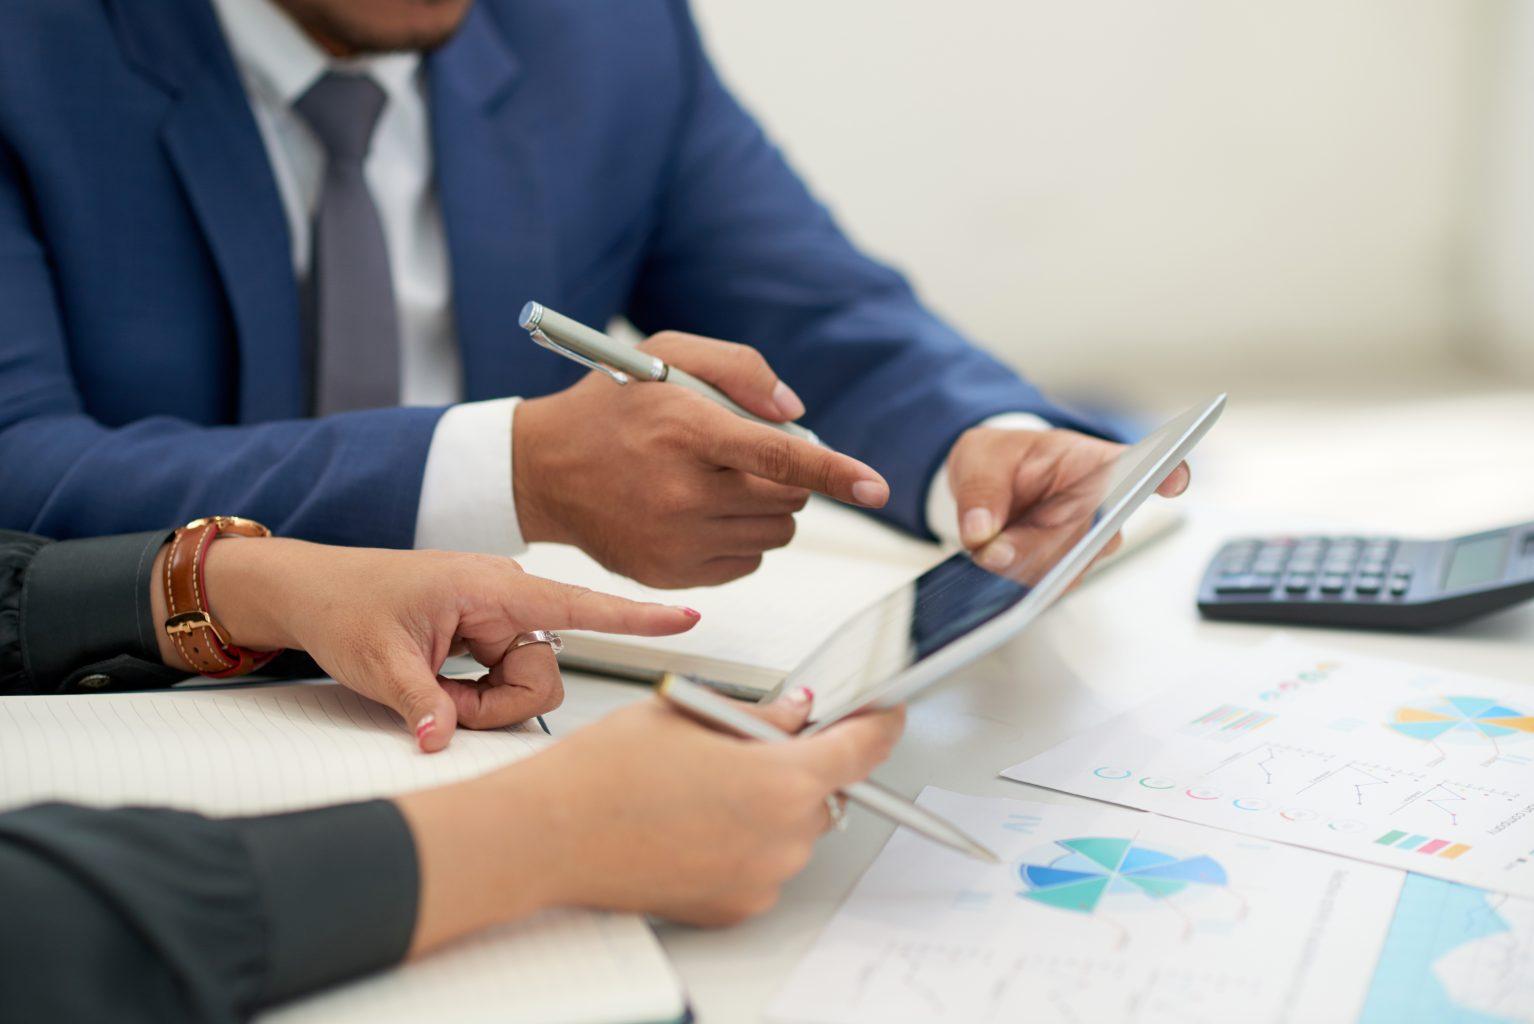 Geschäftsleute besprechen Ergebnisse Gefälschte Fragebögen